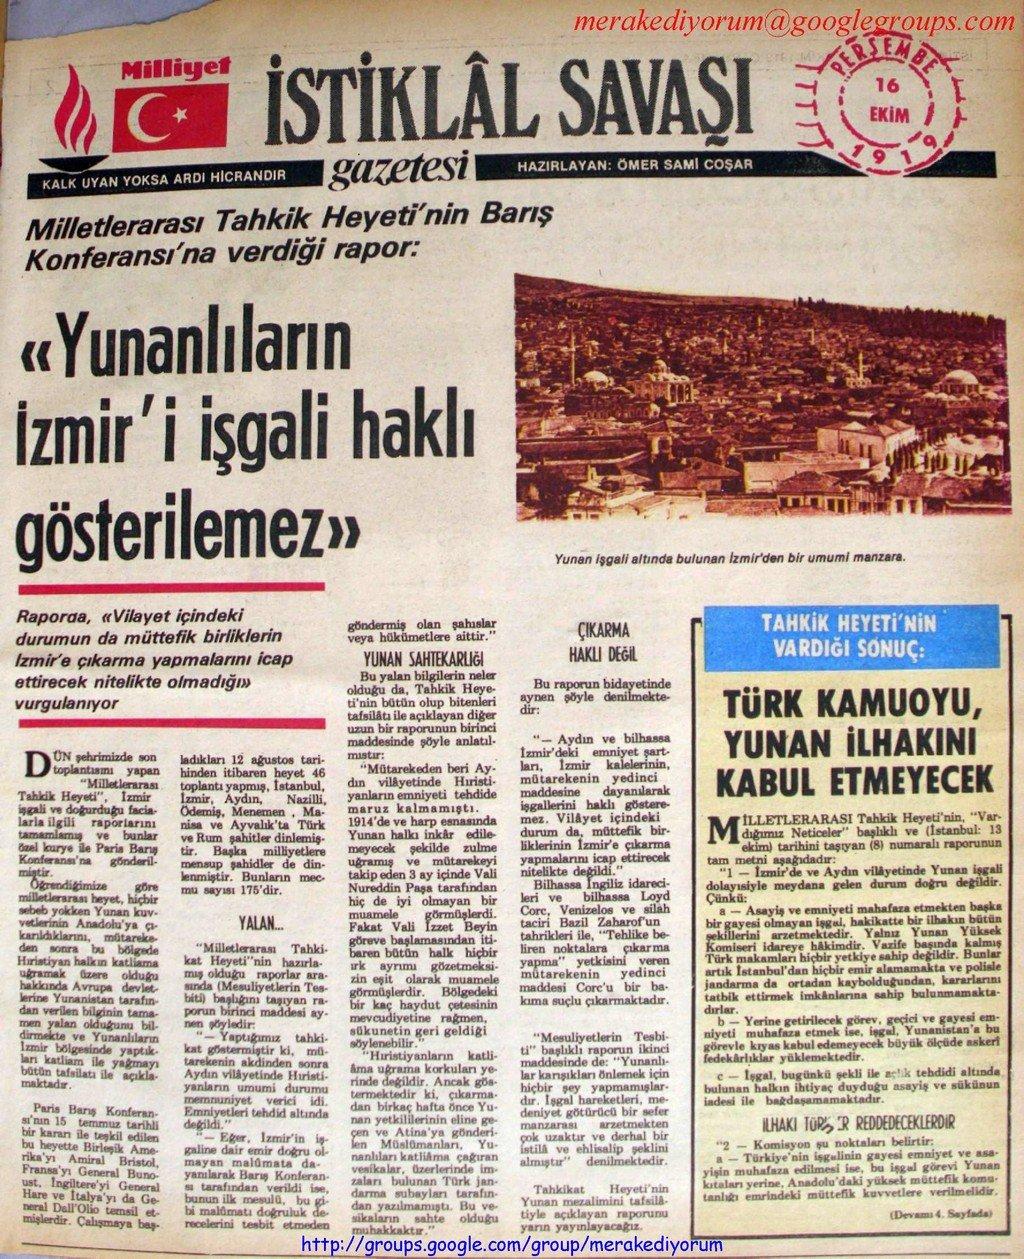 istiklal savaşı gazetesi - 16 ekim 1919